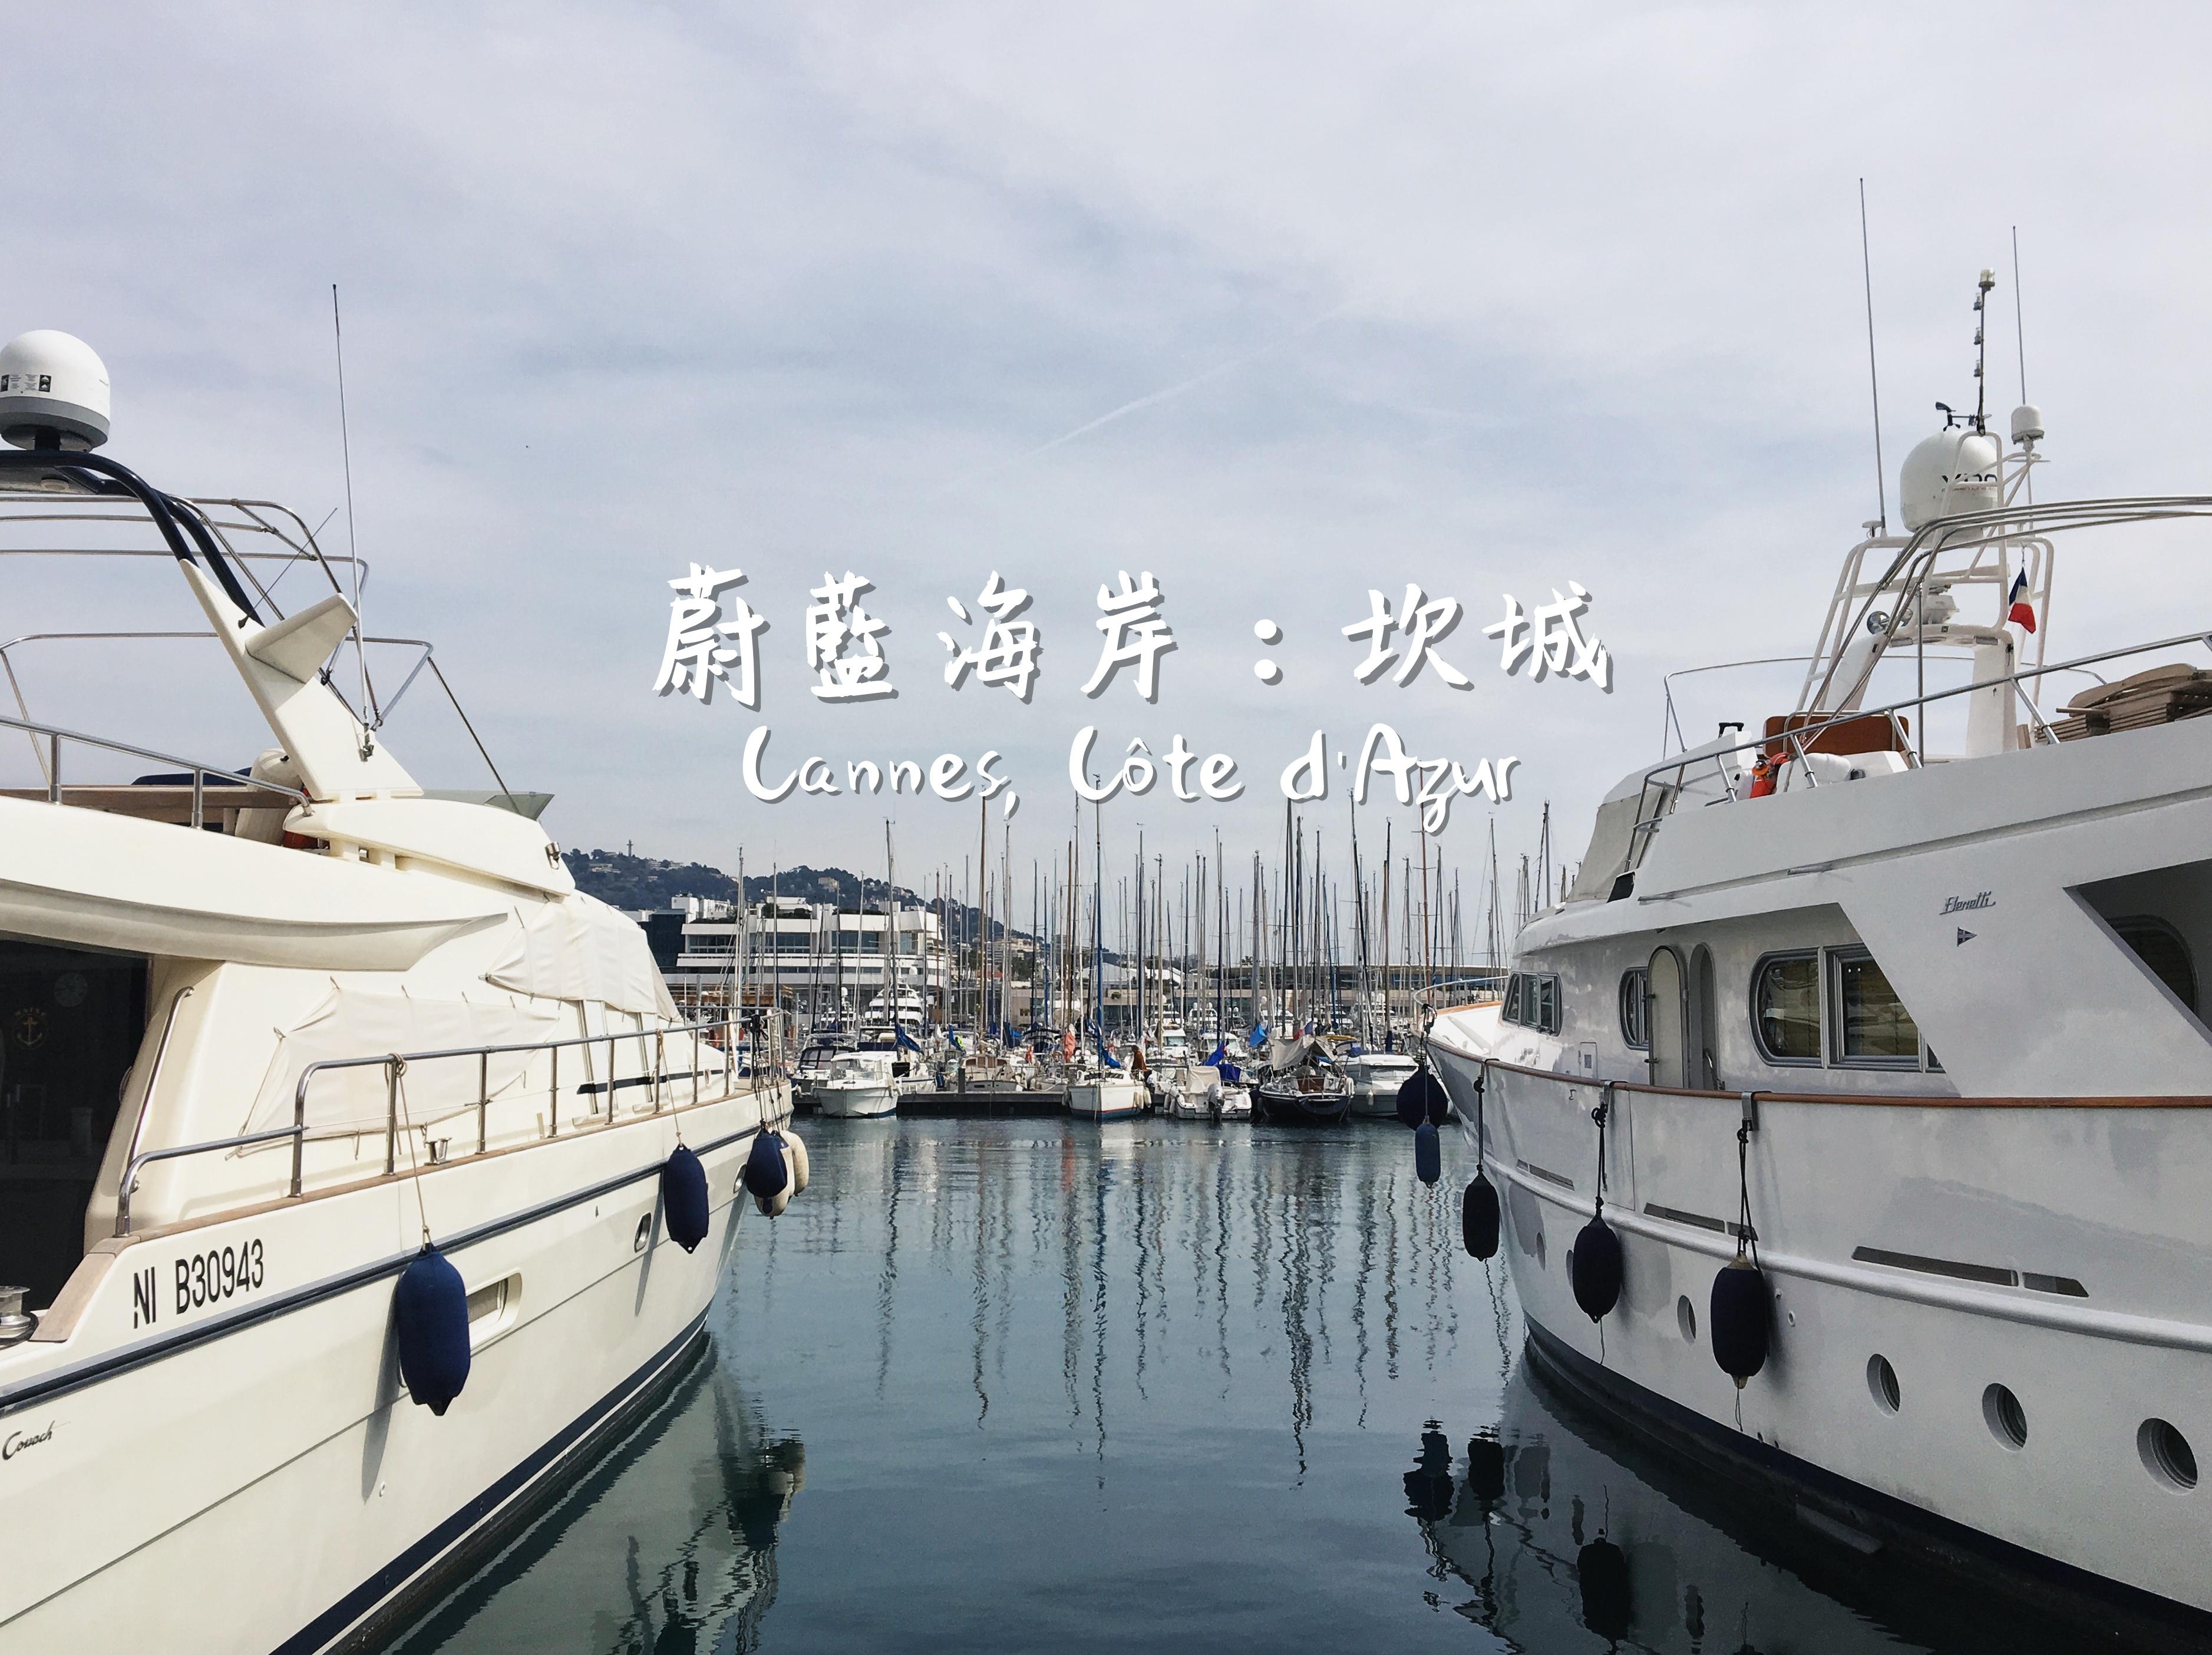 【旅遊好用網】租車好幫手 ZuZuChe.com 使用心得分享